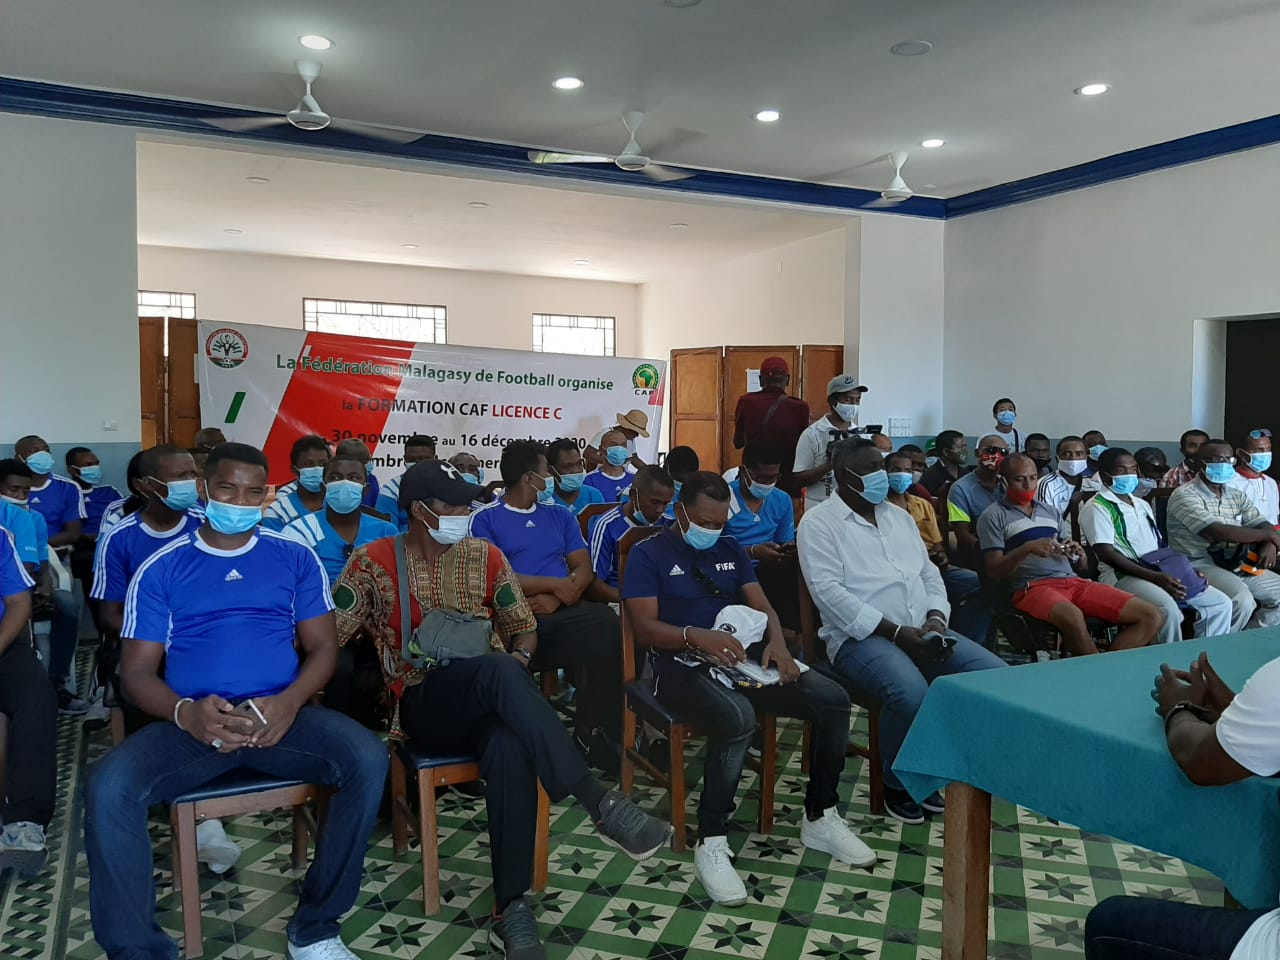 Formation LICENCE C – CAF, la prochaine édition à Antsirabe